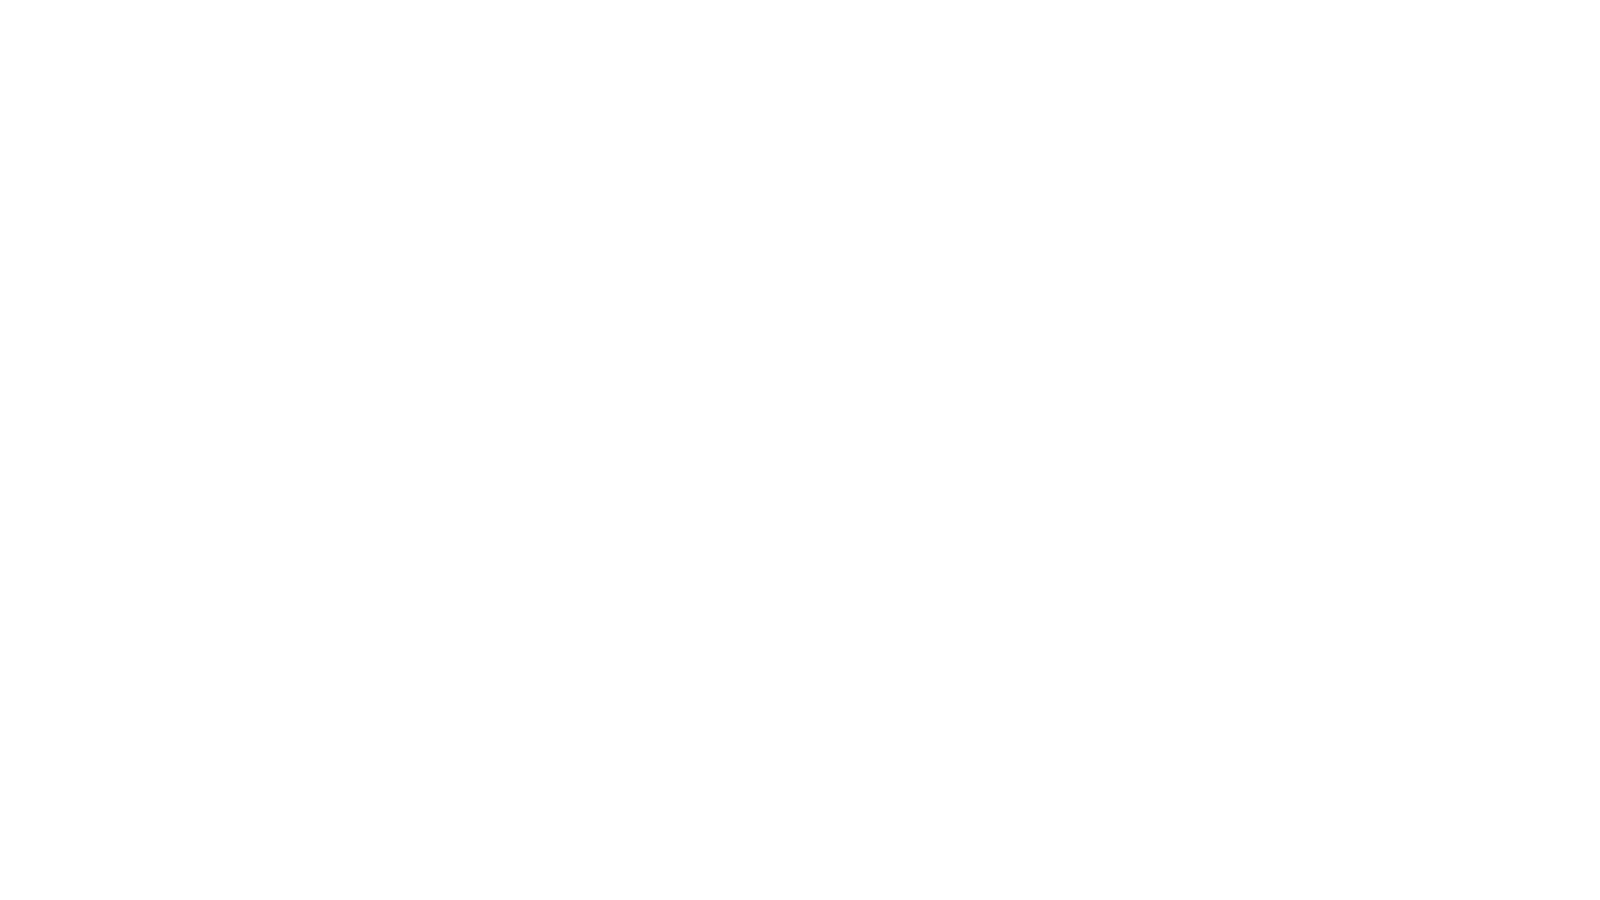 A l'occasion de l'ouverture de saison 2021/2022 nous accueillons la Cie La Burrasca !   Une entrée fracassante et dégringolante sous 500 kg de ferraille en équilibre …Obstinées est un spectacle qui lie trapèze ballant, manipulation de portique aérien, équilibres précaires, portés et musique live.Sur scène se rencontre les univers de trois femmes.Leur terrain de jeu, un portique aérien – monstre de ferraille de 8 mètre de haut.Qui sont-elles ?Une rock star plus rock que star qui entraîne tout et tous sur son passage et deux acrobates, qui s'accrochent, décrochent et se rattrapent sans sourciller.Devant les nombreux obstacles qui s'opposent au bon déroulement de leurs prouesses circassiennes et musicales, elles vont s'acharner, obstinées… jusqu'à trouver l'union complice, l'intime harmonie, grâce au public, sans qui rien n'est possible !   Retrouvez la Cie La Burrasca sur le compte Instagram https://www.instagram.com/la.burrasca/  ----------------------------------------------------------------------------------  Mardi 14 septembre à 10h30 Mercredi 15 septembre à 10h30 et 18h30 Jeudi 16 septembre à10h30 ----------------------------------------------------------------------------------  Entrée libre sur réservation Jardin de Roches  86 rue Emile Beaufils ---------------------------------------------------------------------------------- Mail : maisondesamateurs@montreuil.fr  Tel : 01 71 86 28 80  ----------------------------------------------------------------------------------  Retrouvez-nous sur les réseaux sociaux !  Instagram : https://www.instagram.com/les__roches/ Facebook : https://www.facebook.com/LesRochesMaisondespratiquesamateurs  Site internet : https://lesroches-montreuil.fr/